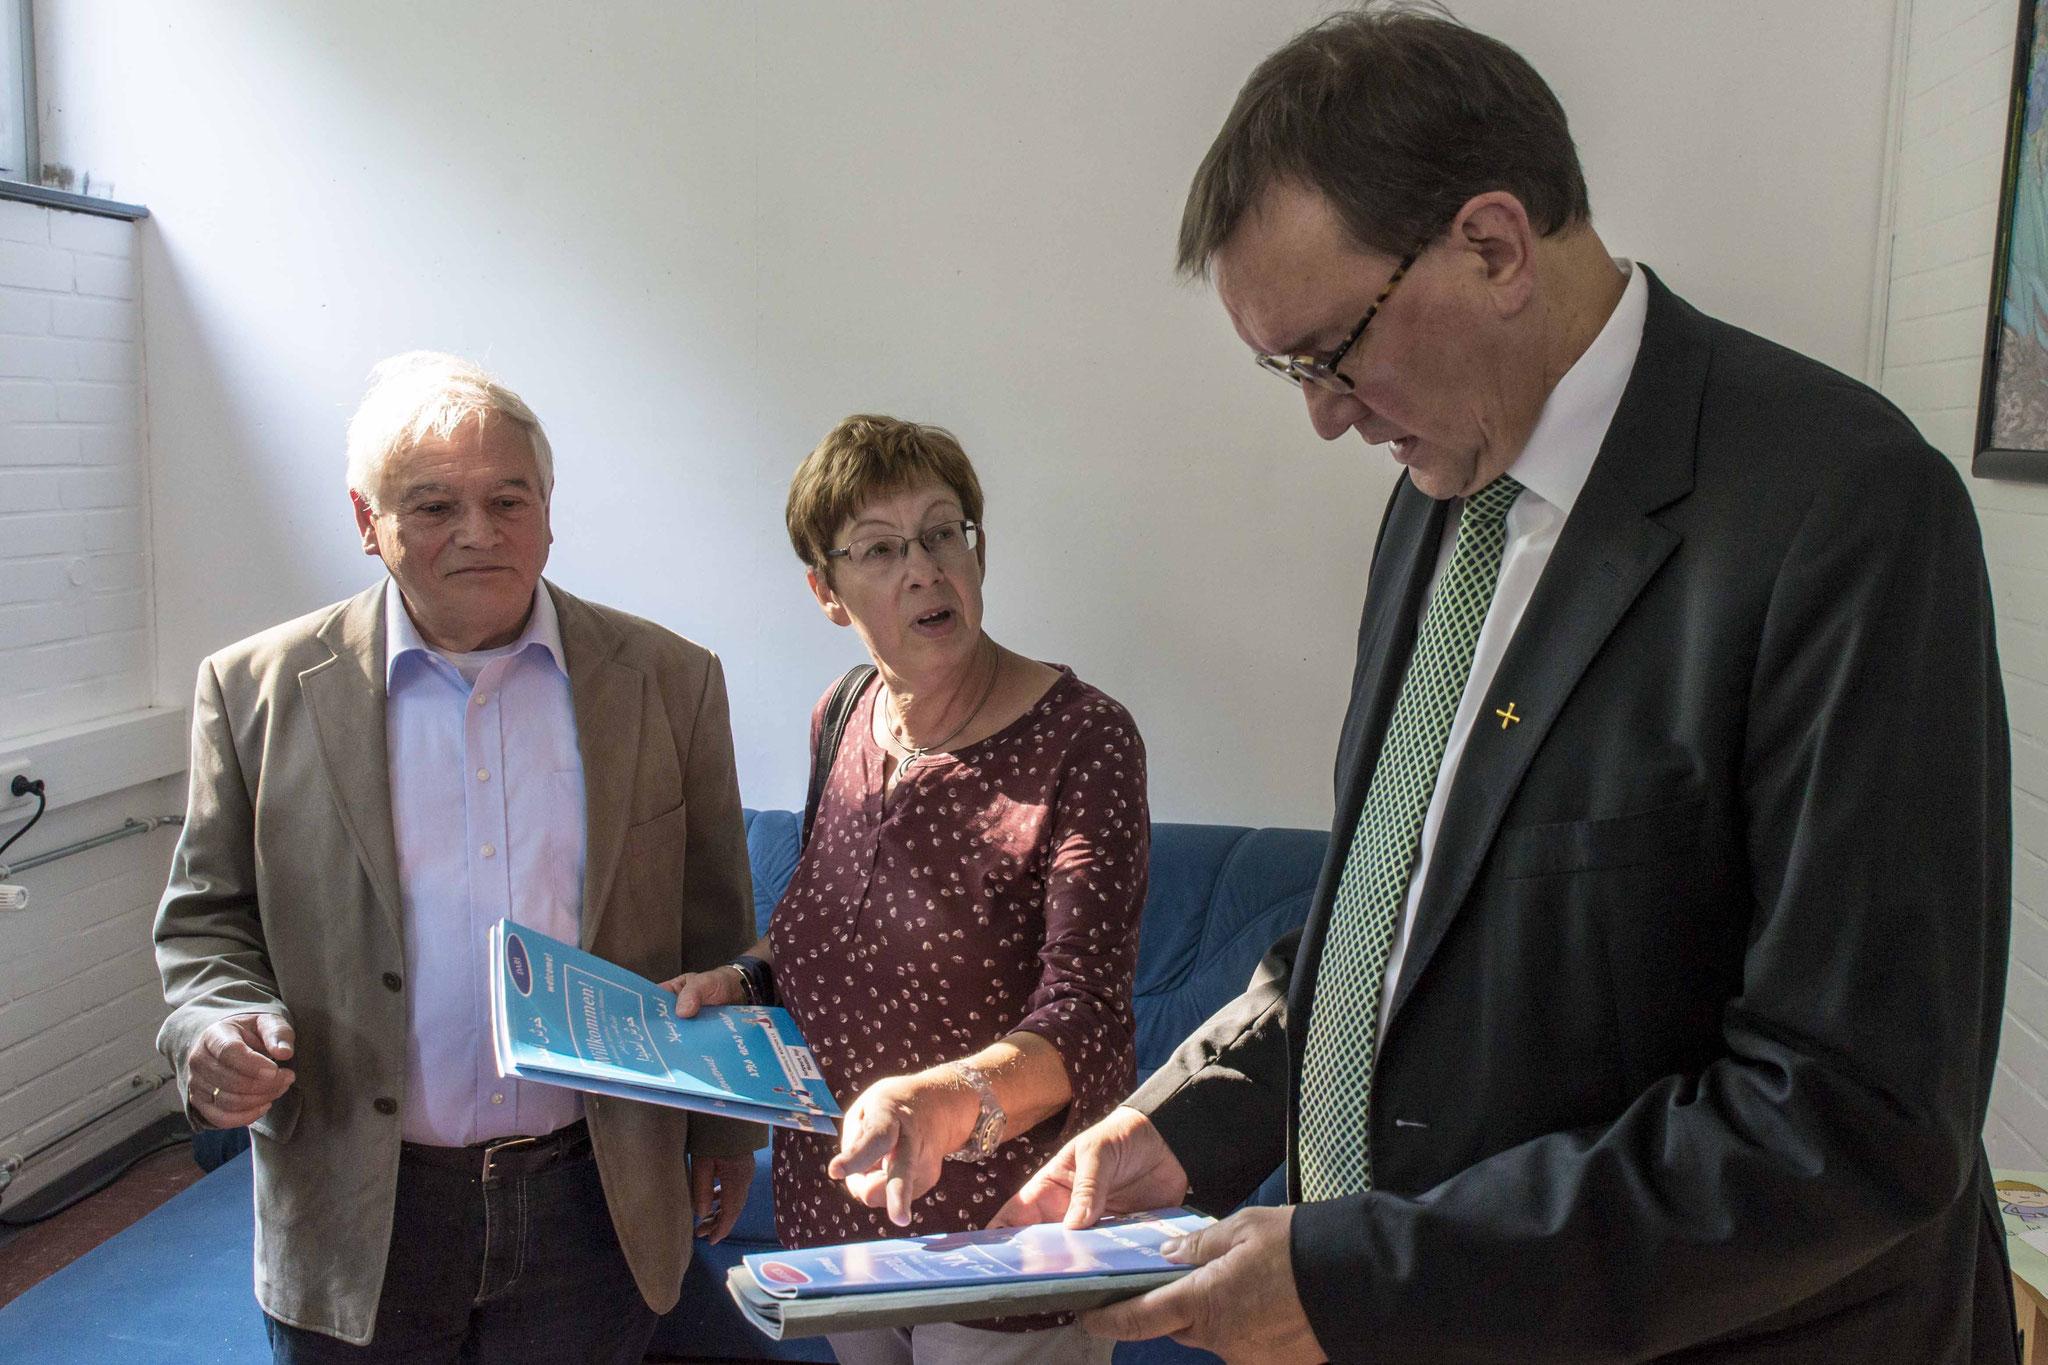 Roland Schade (v.l.n.r.), Diakoniepfarrer Ulrich Kling-Böhm, RP Ullrich, Barbara Schade, Pfarrerin Petra Zimmer, Bischof Hein, Propst Wöllenstein